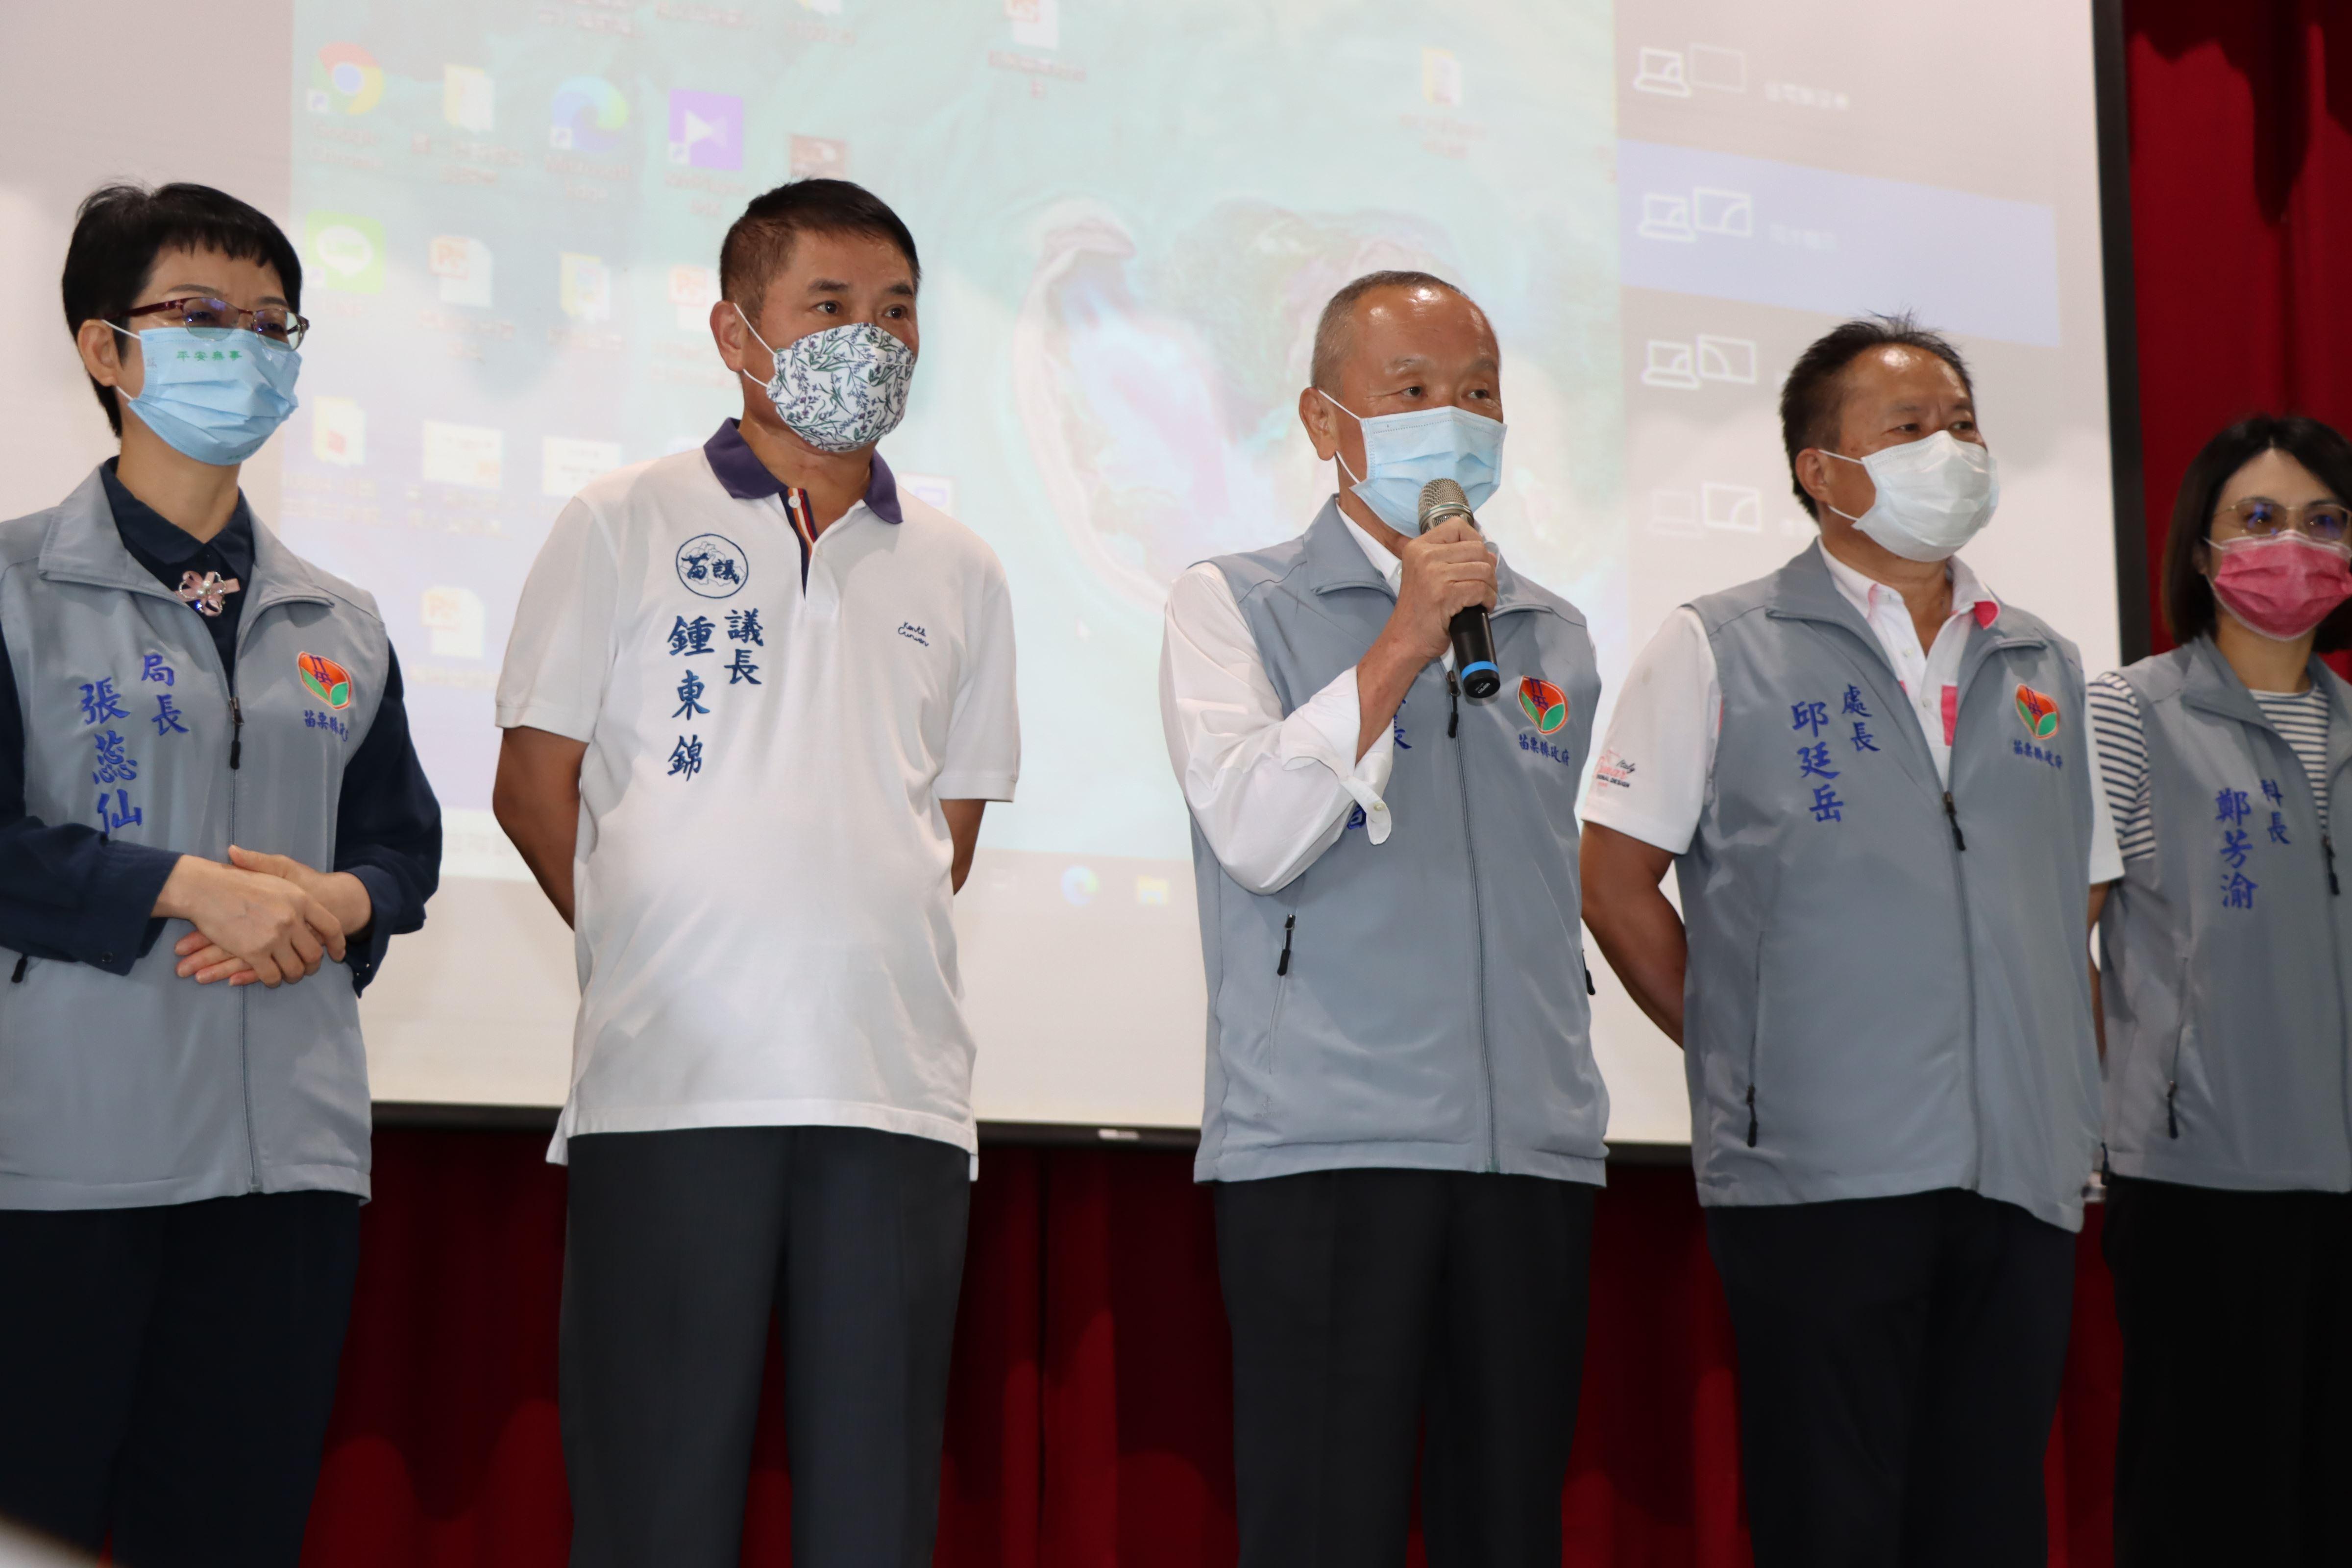 6縣府─縣長呼籲學生放心接種疫苗IMG_3519.JPG